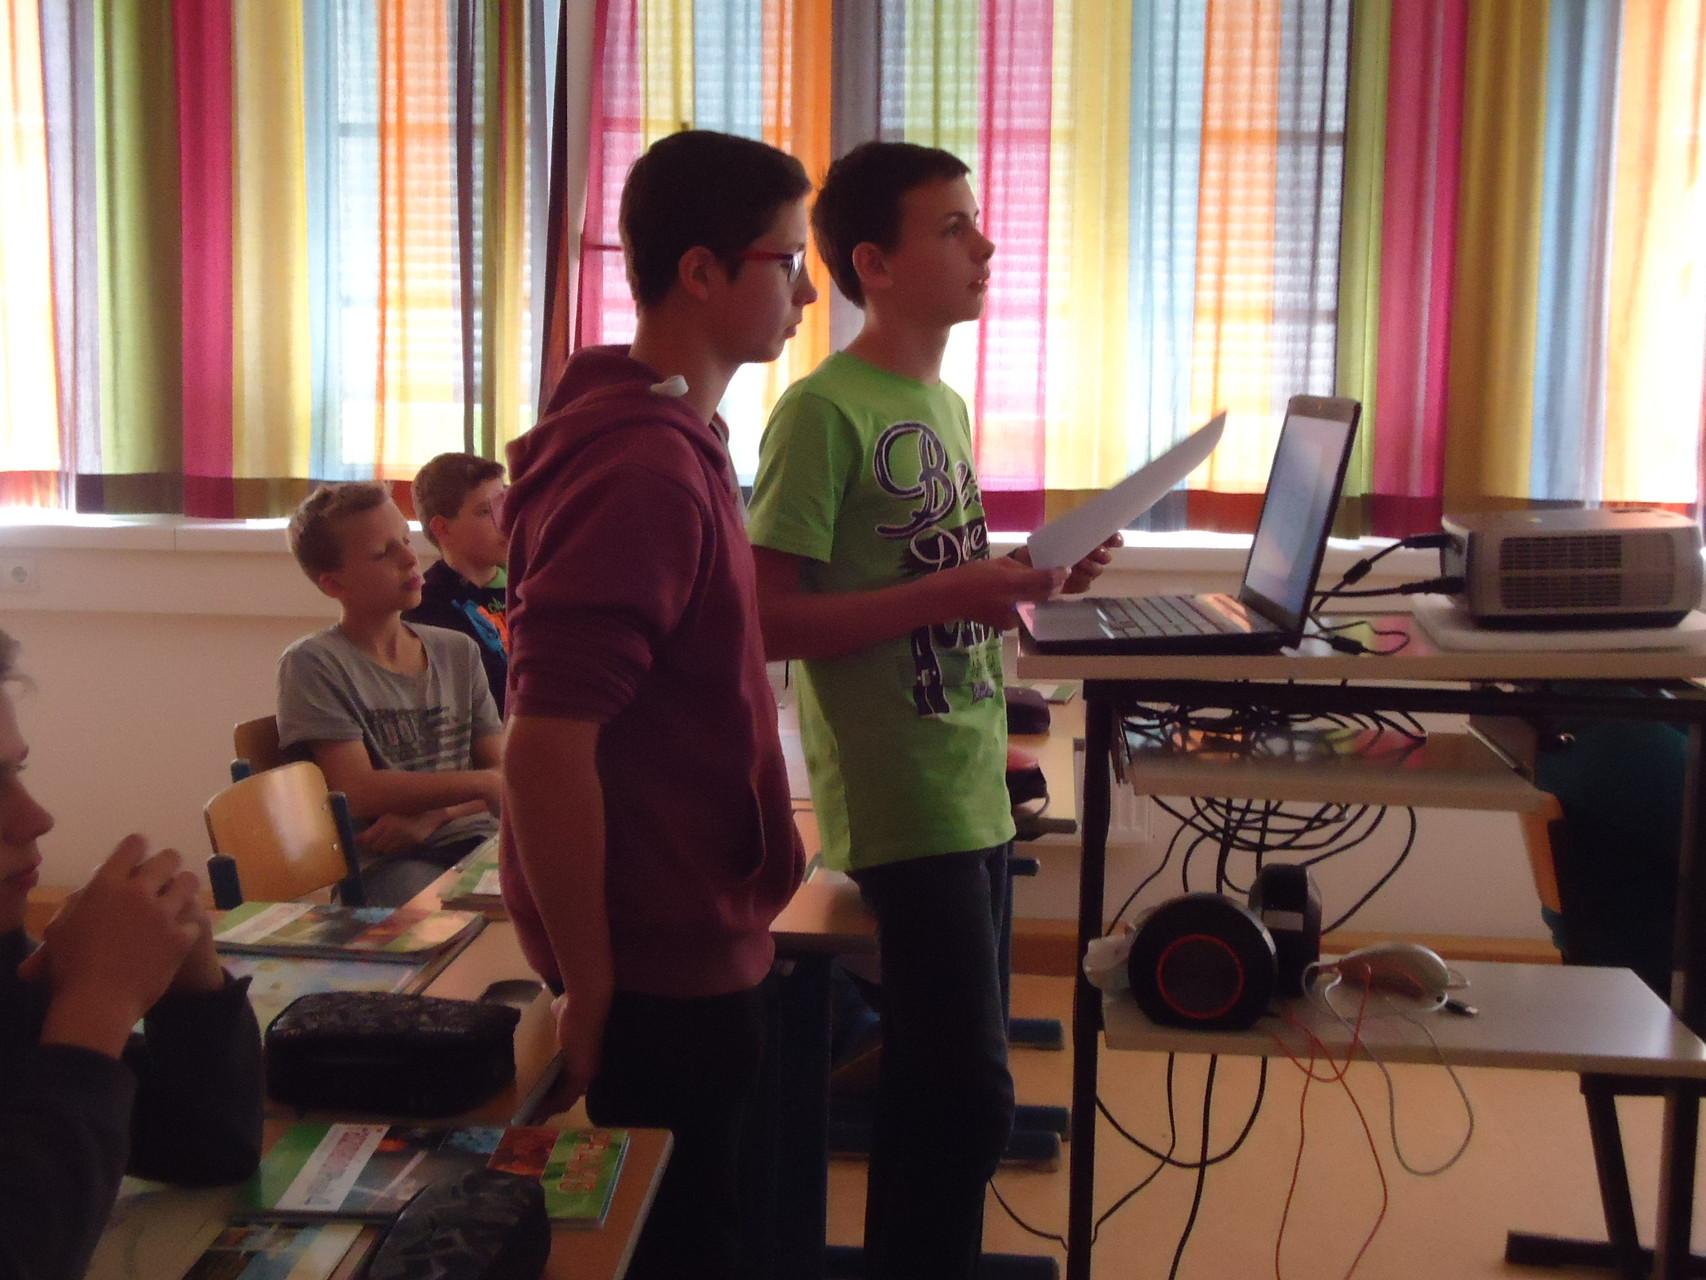 Unsere Experten mitten im Vortrag